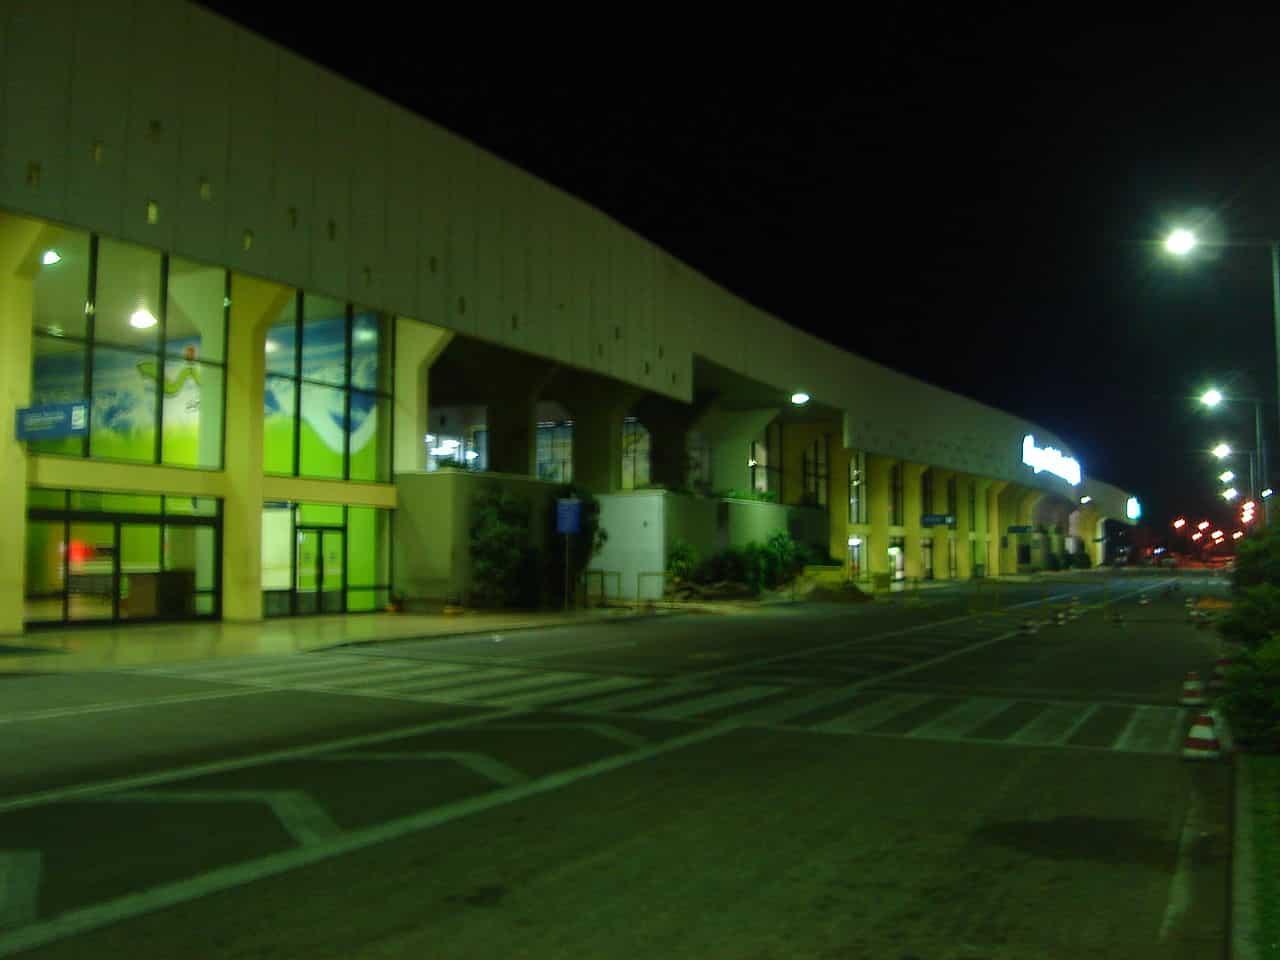 aeroporto de santa cruz de la sierra sigla